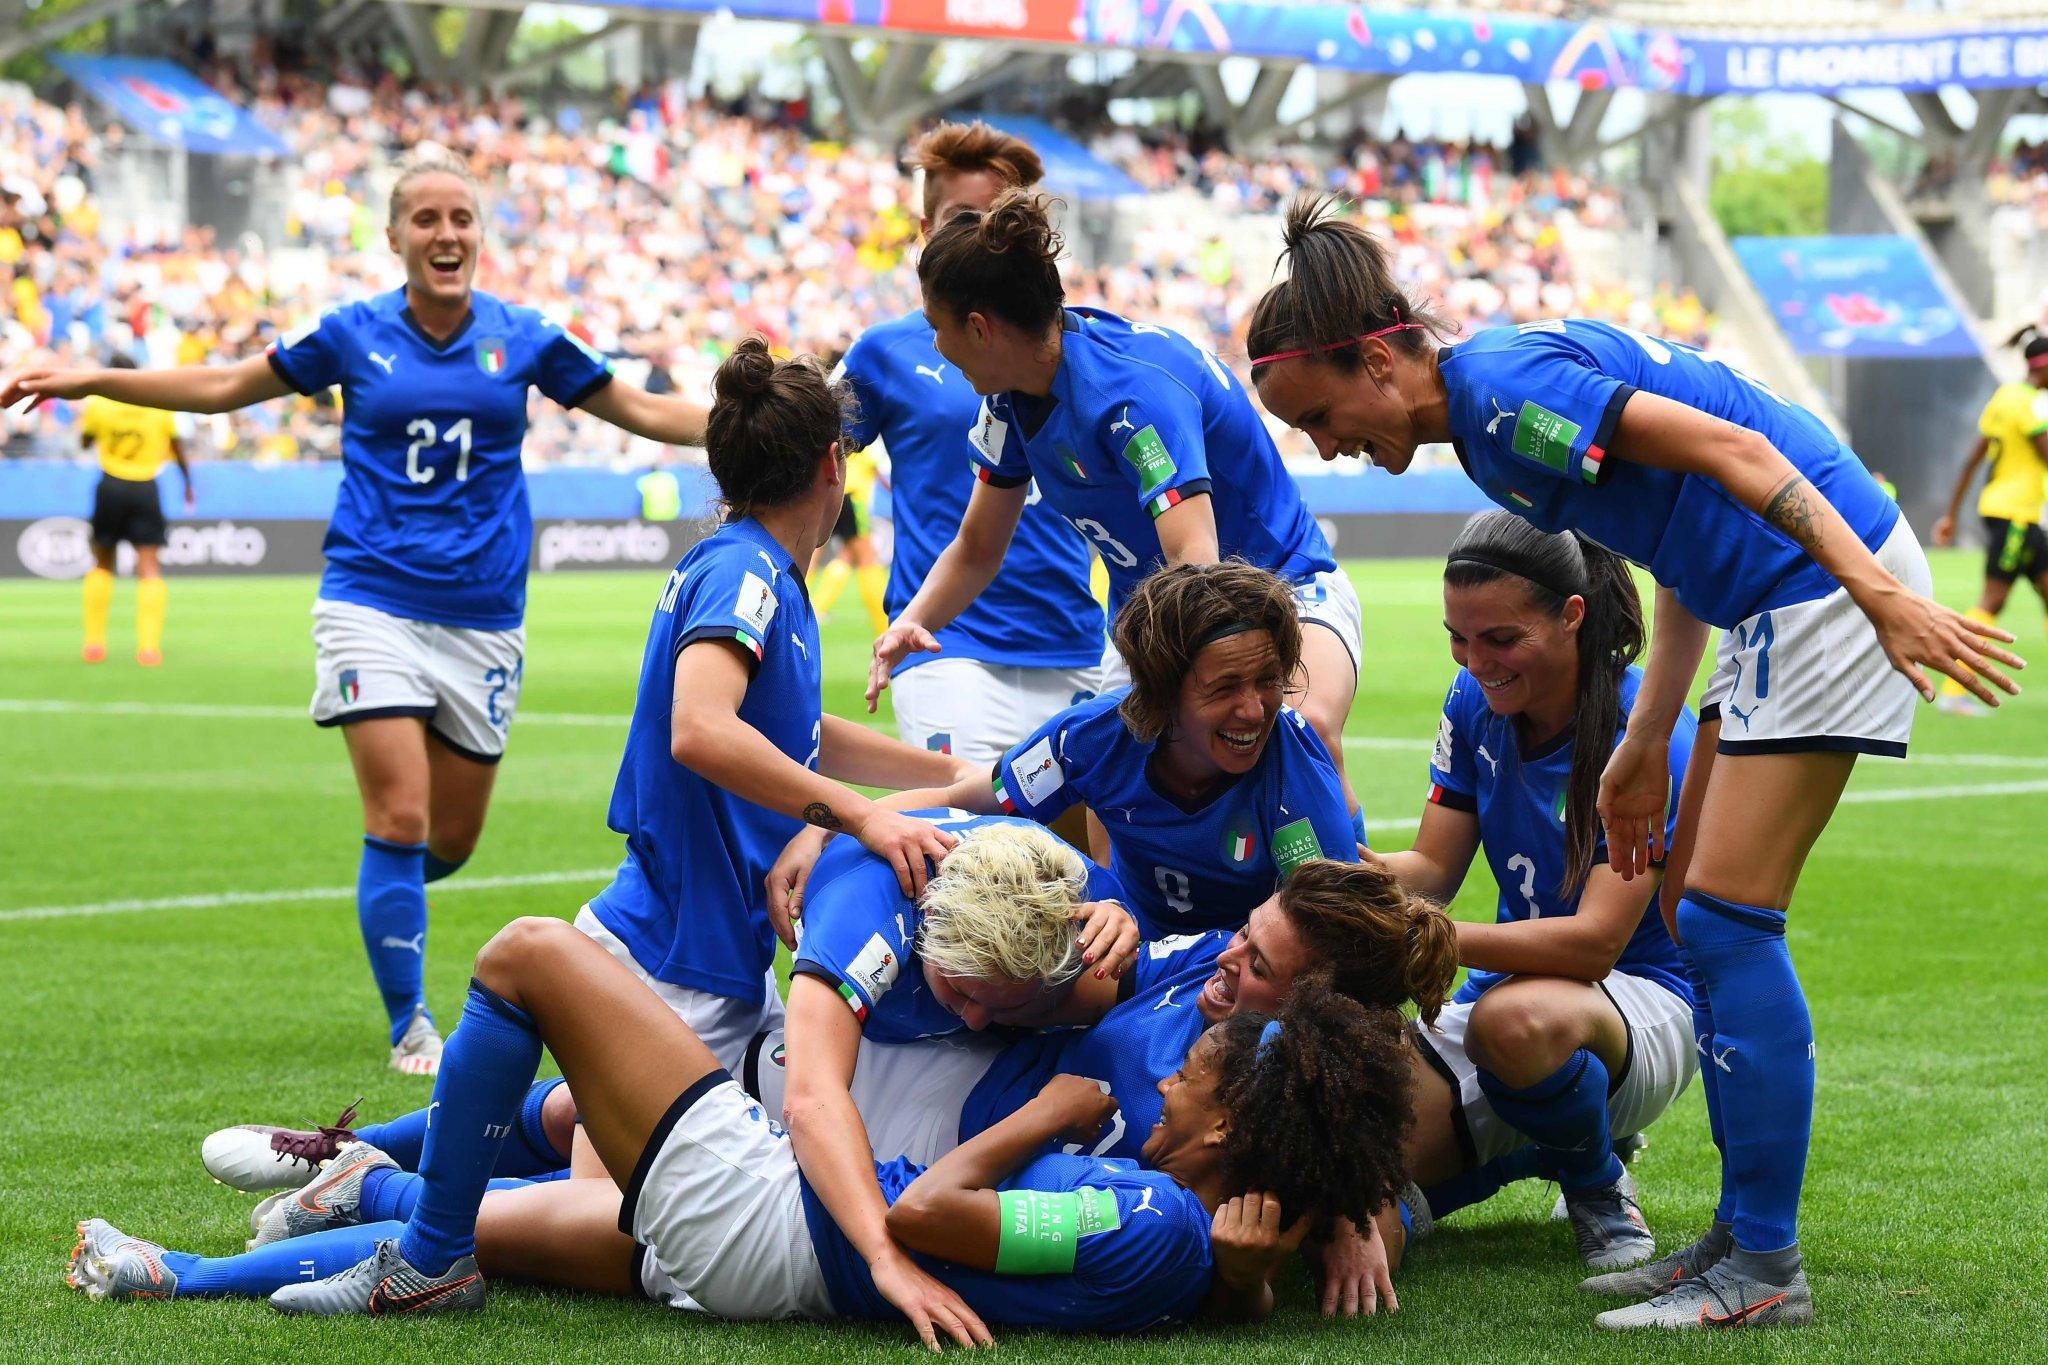 Mondiali di Calcio Femminile, Italia vs Brasile | Diretta Rai 1 e Sky Sport